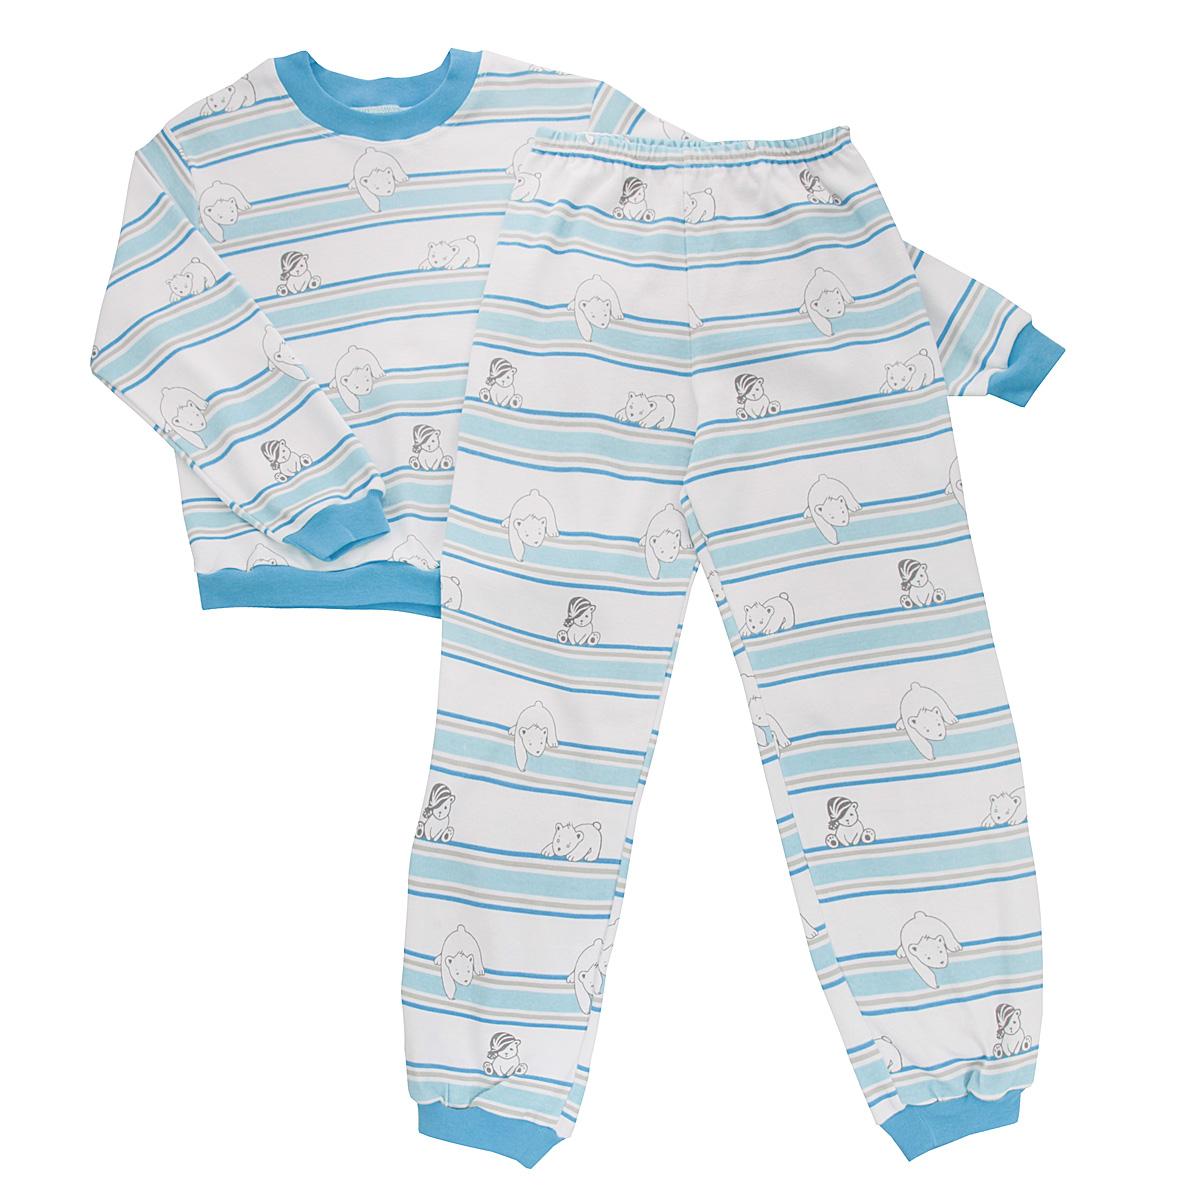 Пижама5555_мишкаУютная детская пижама Трон-плюс, состоящая из джемпера и брюк, идеально подойдет вашему ребенку и станет отличным дополнением к детскому гардеробу. Изготовленная из интерлока, она необычайно мягкая и легкая, не сковывает движения, позволяет коже дышать и не раздражает даже самую нежную и чувствительную кожу ребенка. Трикотажный джемпер с длинными рукавами имеет круглый вырез горловины. Низ изделия, рукава и вырез горловины дополнены эластичной трикотажной резинкой контрастного цвета. Брюки на талии имеют эластичную резинку, благодаря чему не сдавливают живот ребенка и не сползают. Низ брючин дополнен широкими эластичными манжетами контрастного цвета. Оформлено изделие оригинальным принтом с изображением белых мишек и цветных полос. В такой пижаме ваш ребенок будет чувствовать себя комфортно и уютно во время сна.